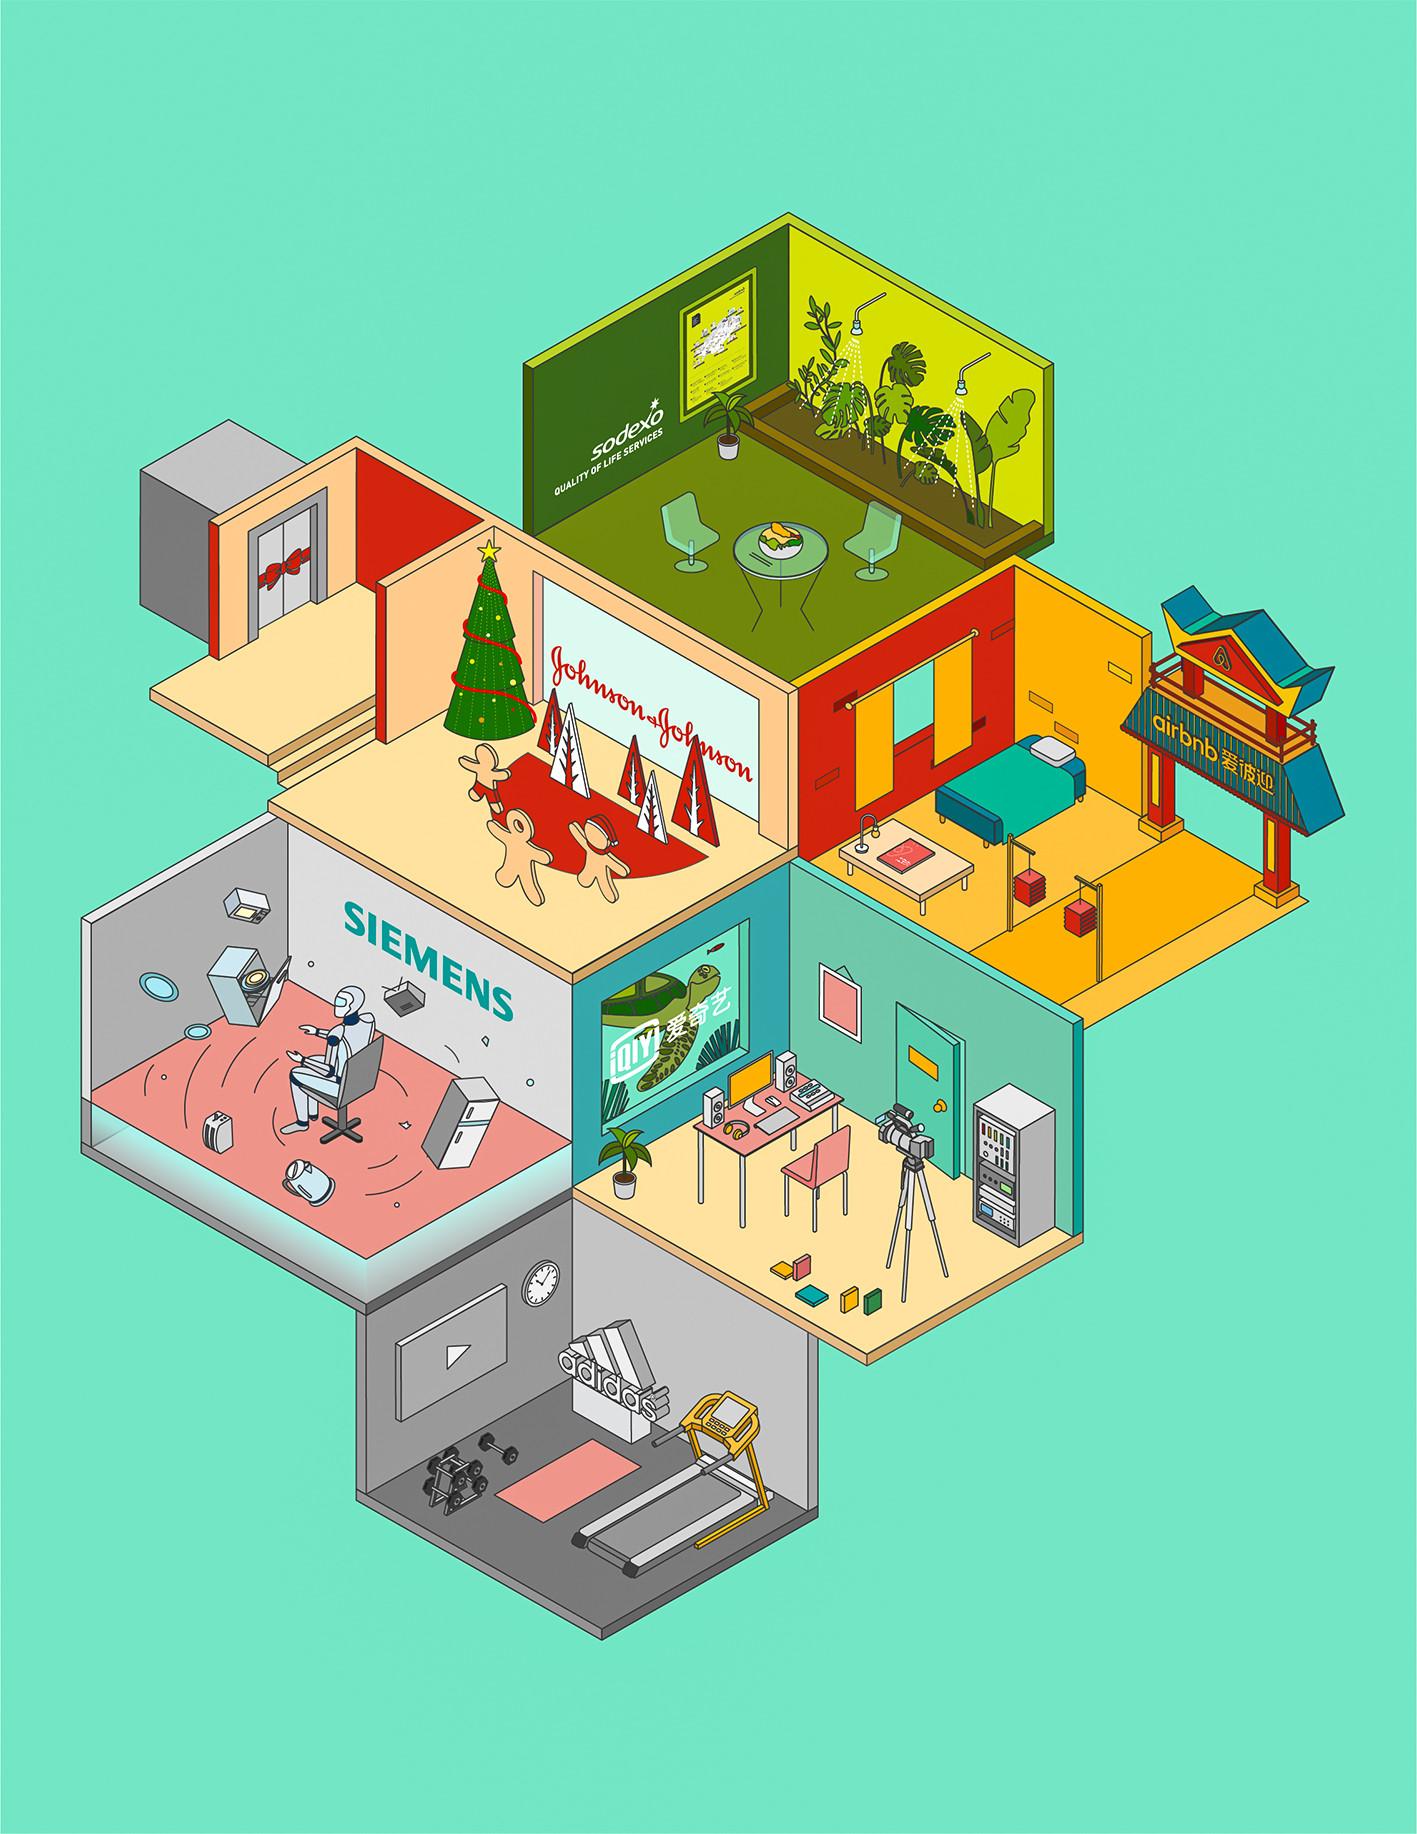 六个房间-01 2.jpg